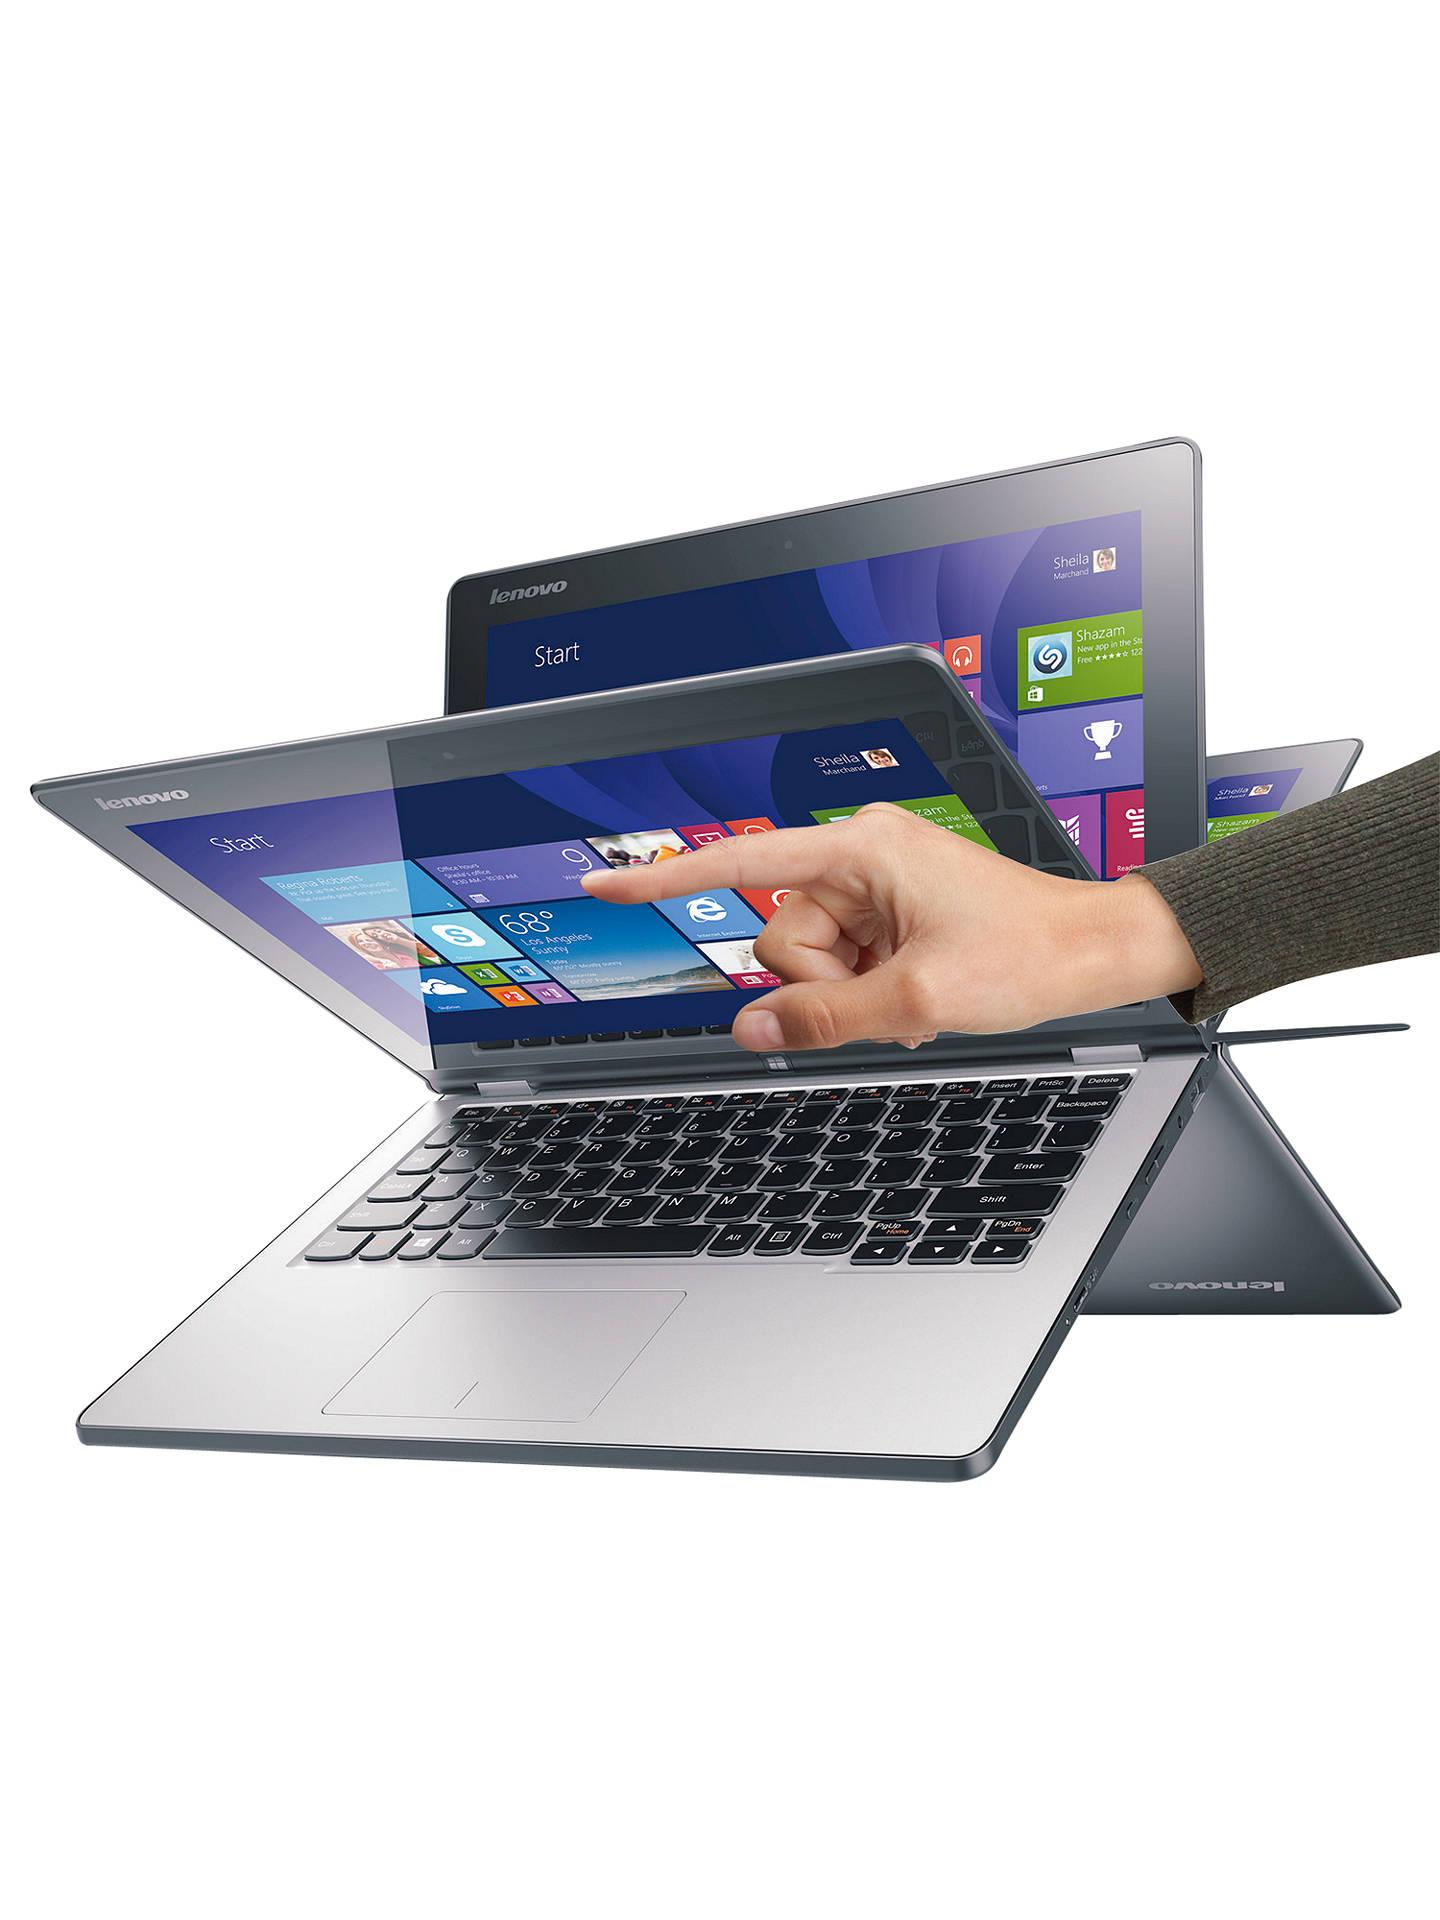 Lenovo Ideapad Yoga 2 11 Convertible Laptop, Quad-Core Intel Pentium, 4GB  RAM, 500GB, 11 6